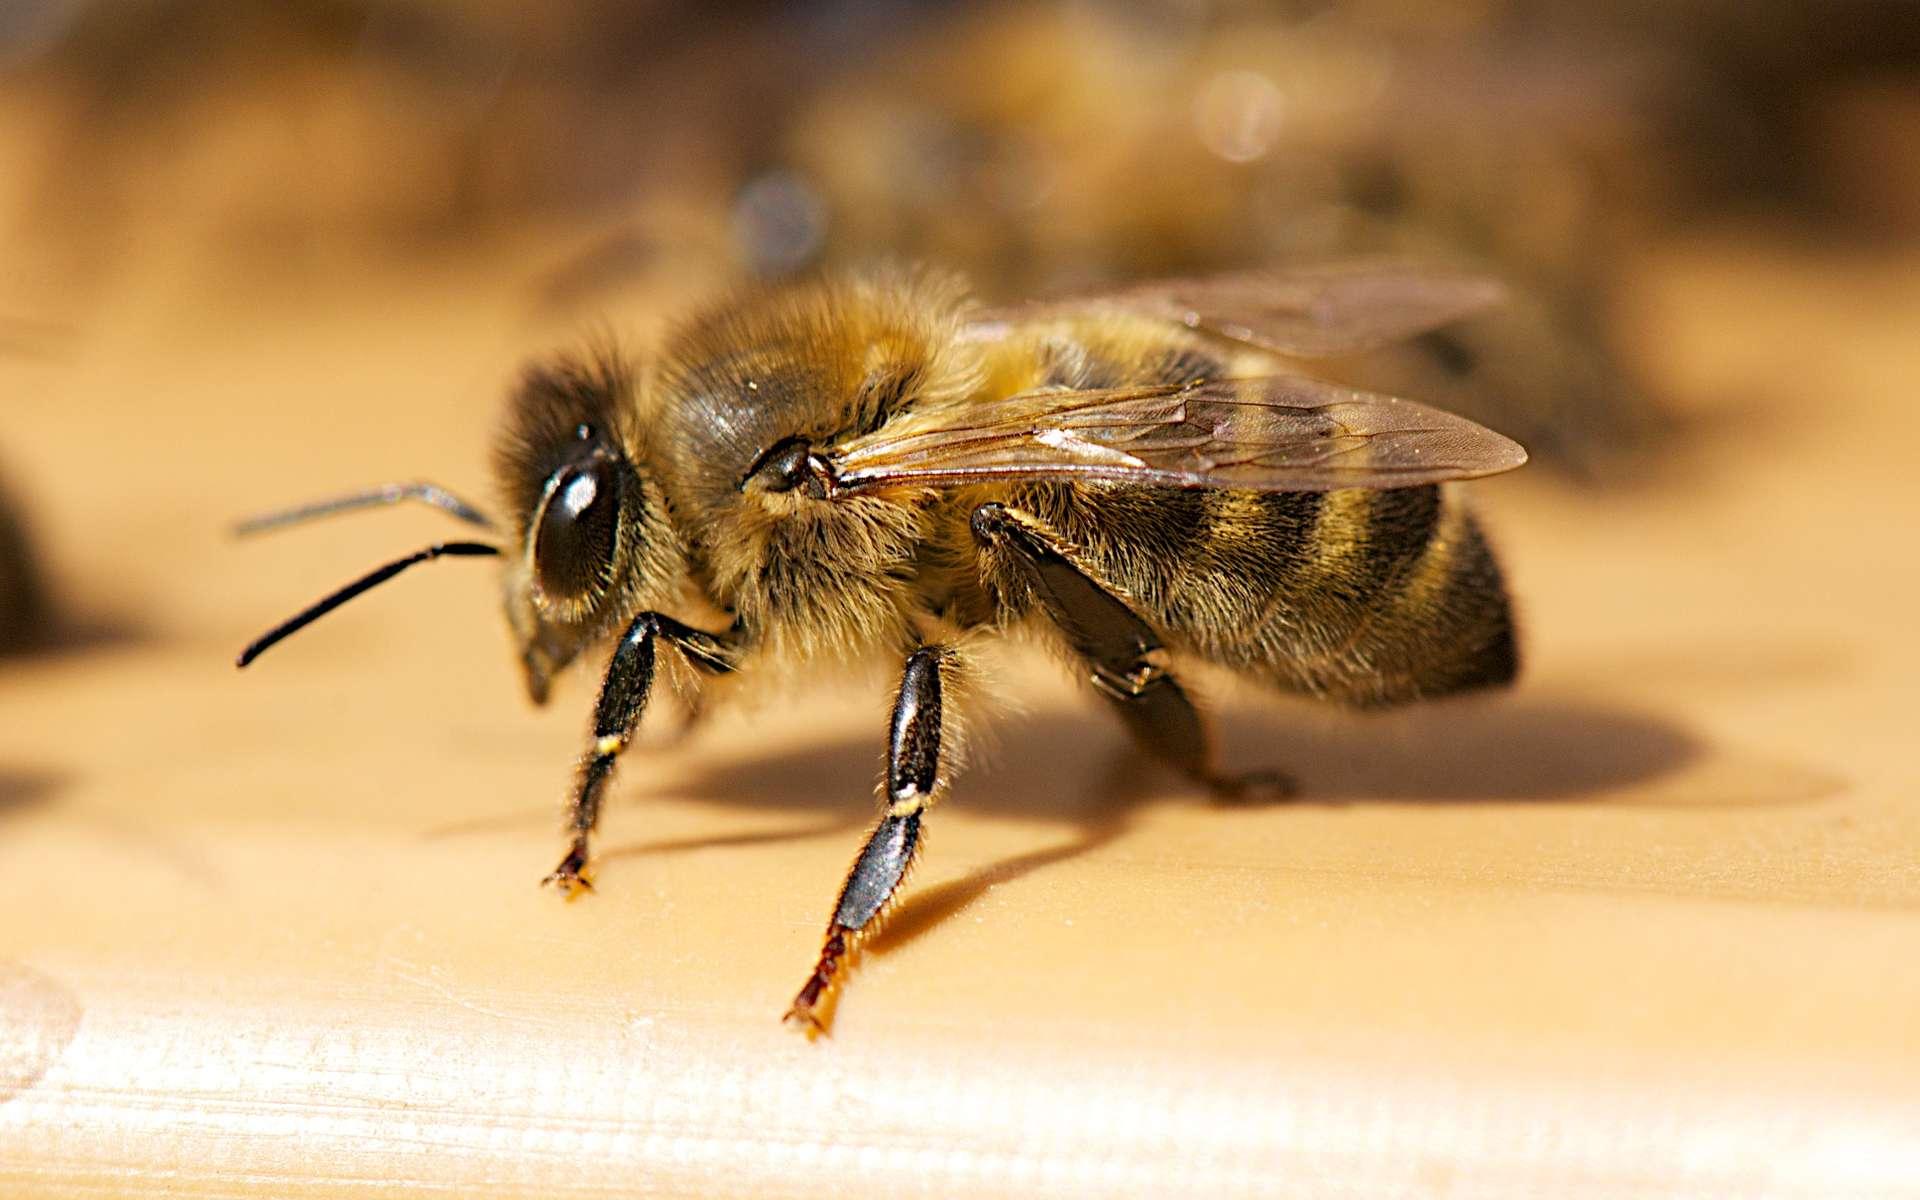 Les recherches sur l'intelligence des abeilles montrent l'aptitude de ces insectes à résoudre des tâches de discriminations complexes. Ici Apis mellifera ou abeille noire. © melliifica.be, CC by-nc-nd